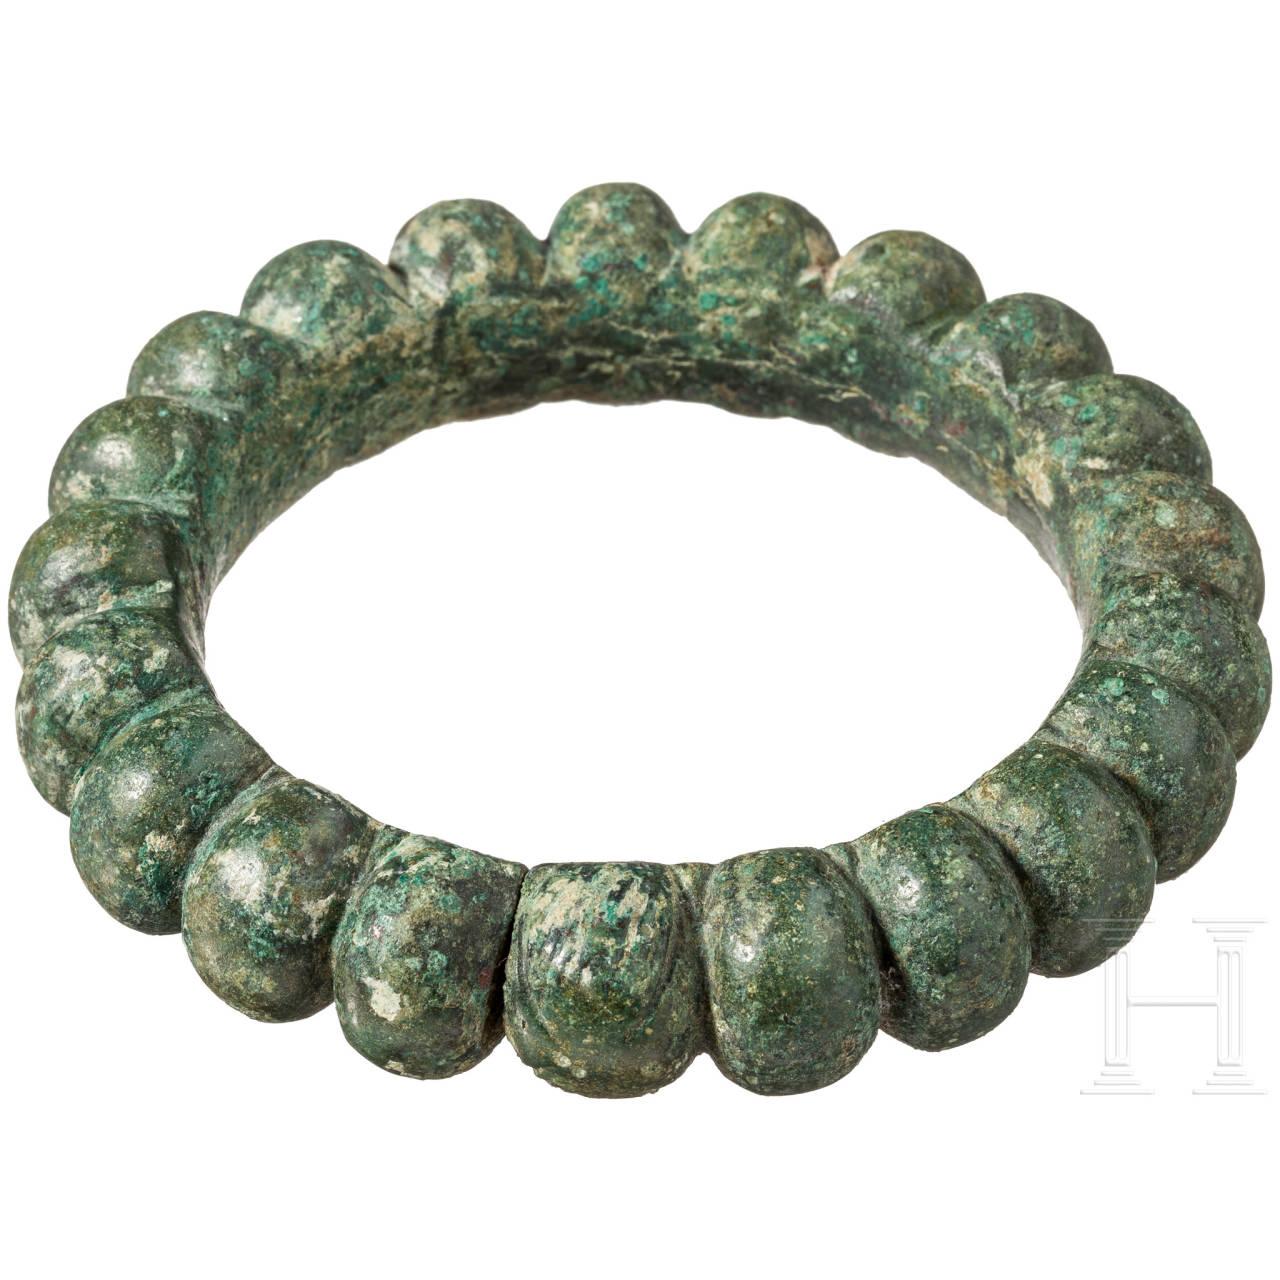 Massiver Bronzearmreif, etruskisch, 6. Jhdt. v. Chr.